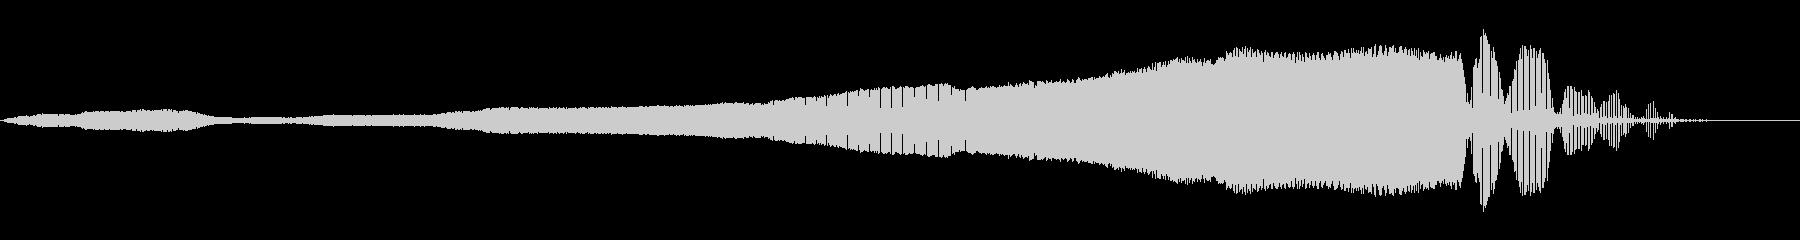 長いミュートトランペットエレファン...の未再生の波形